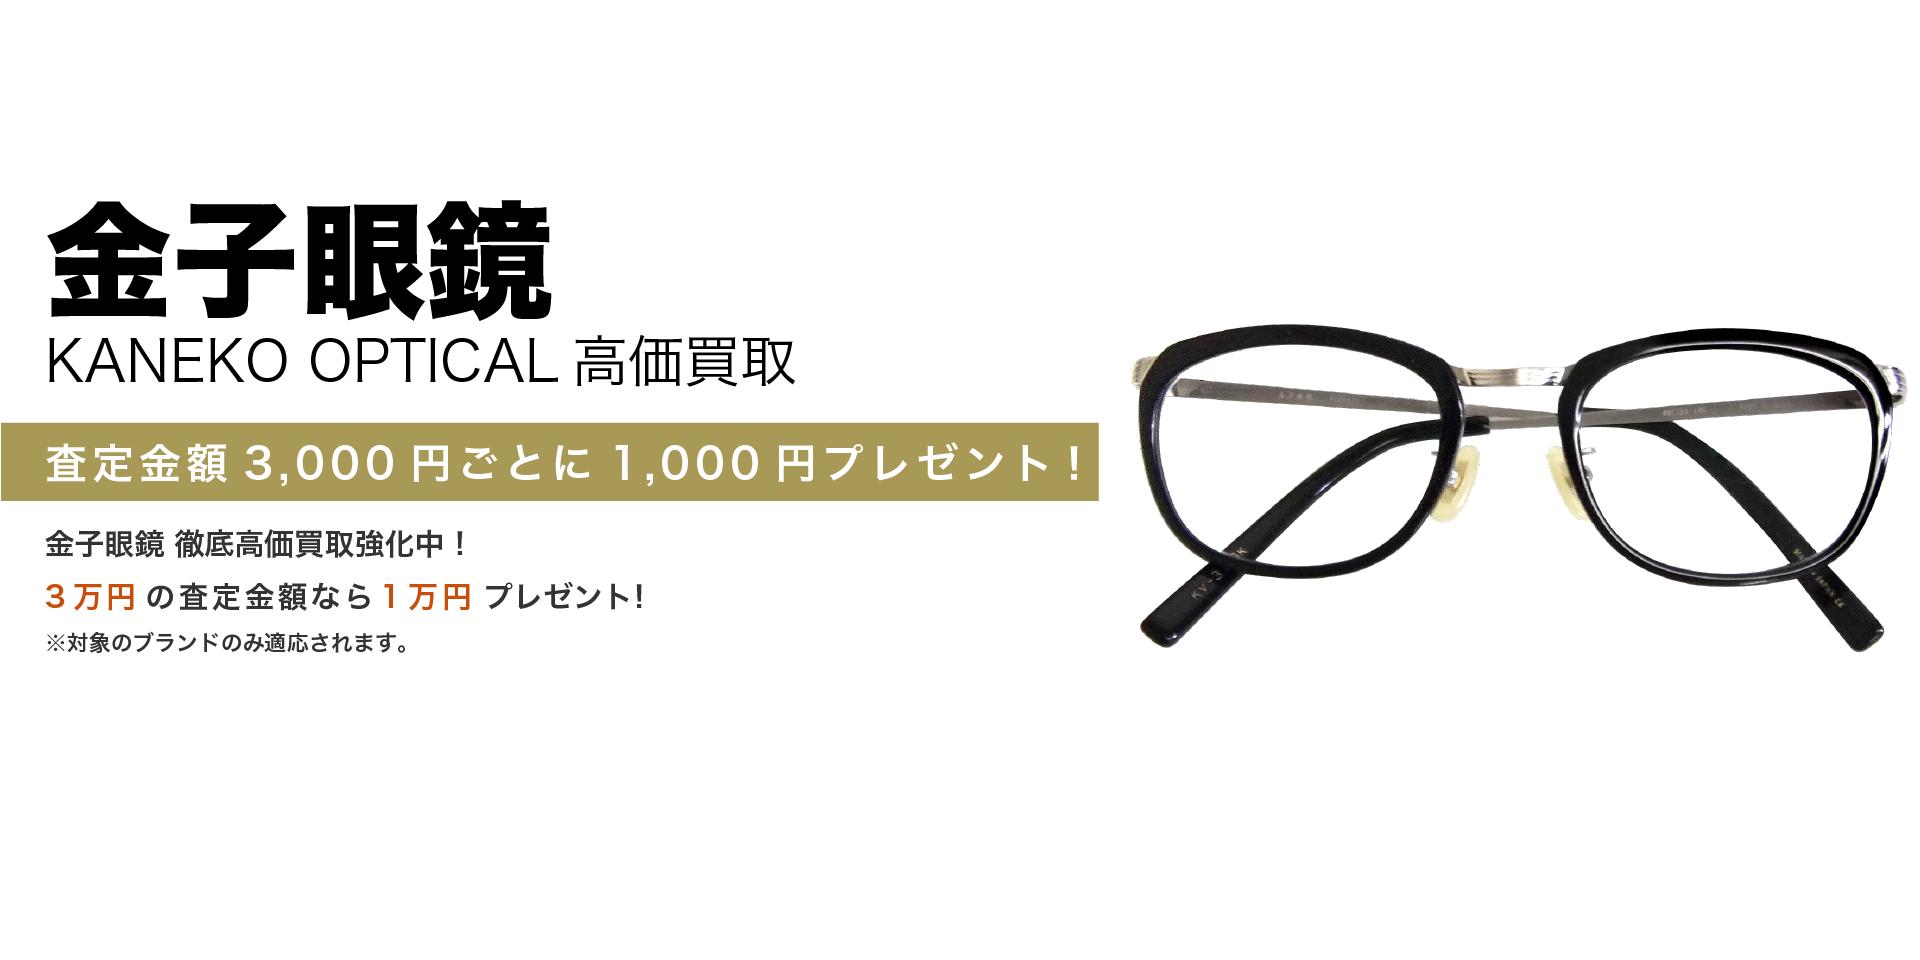 金子眼鏡のキービジュアル